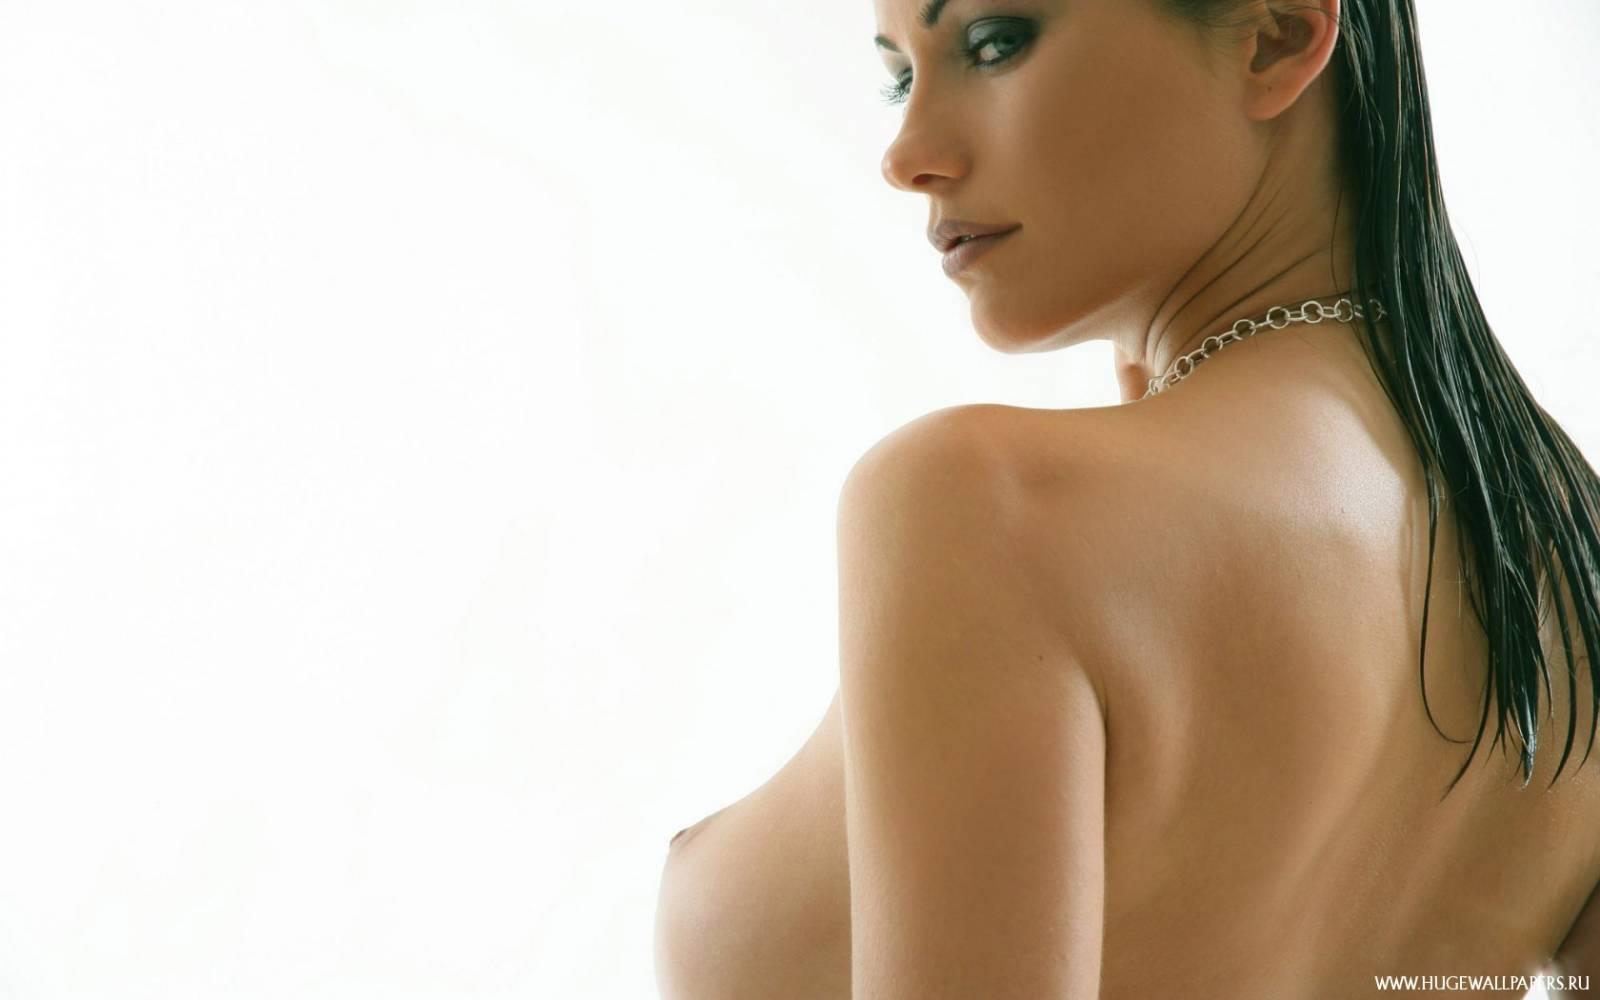 Смотреть бесплатно маленькие женские груди 11 фотография